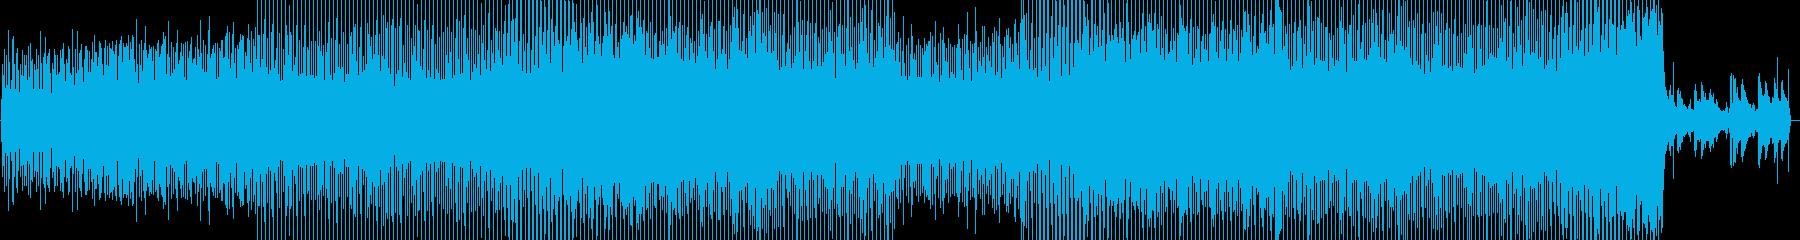 スイング、スキャット、ベース、ブラ...の再生済みの波形